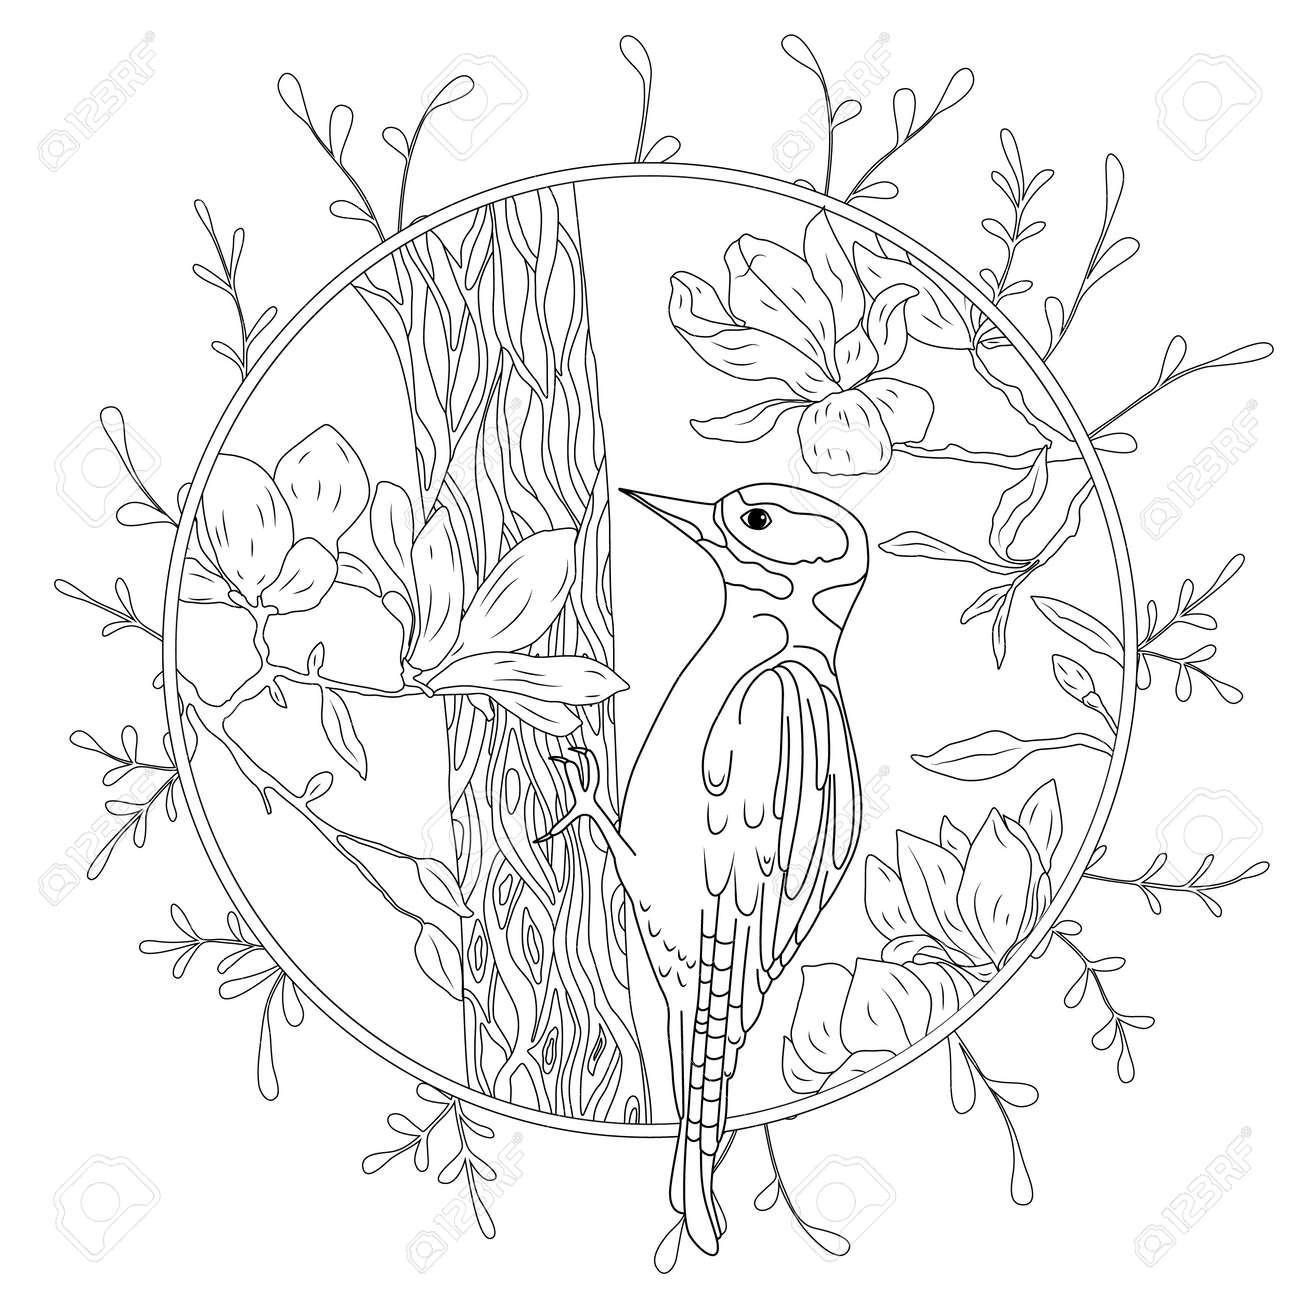 Coloriage Arbre Branche.Pic Stylise De Dessin Anime Sur Une Branche D Arbre Croquis Dessine